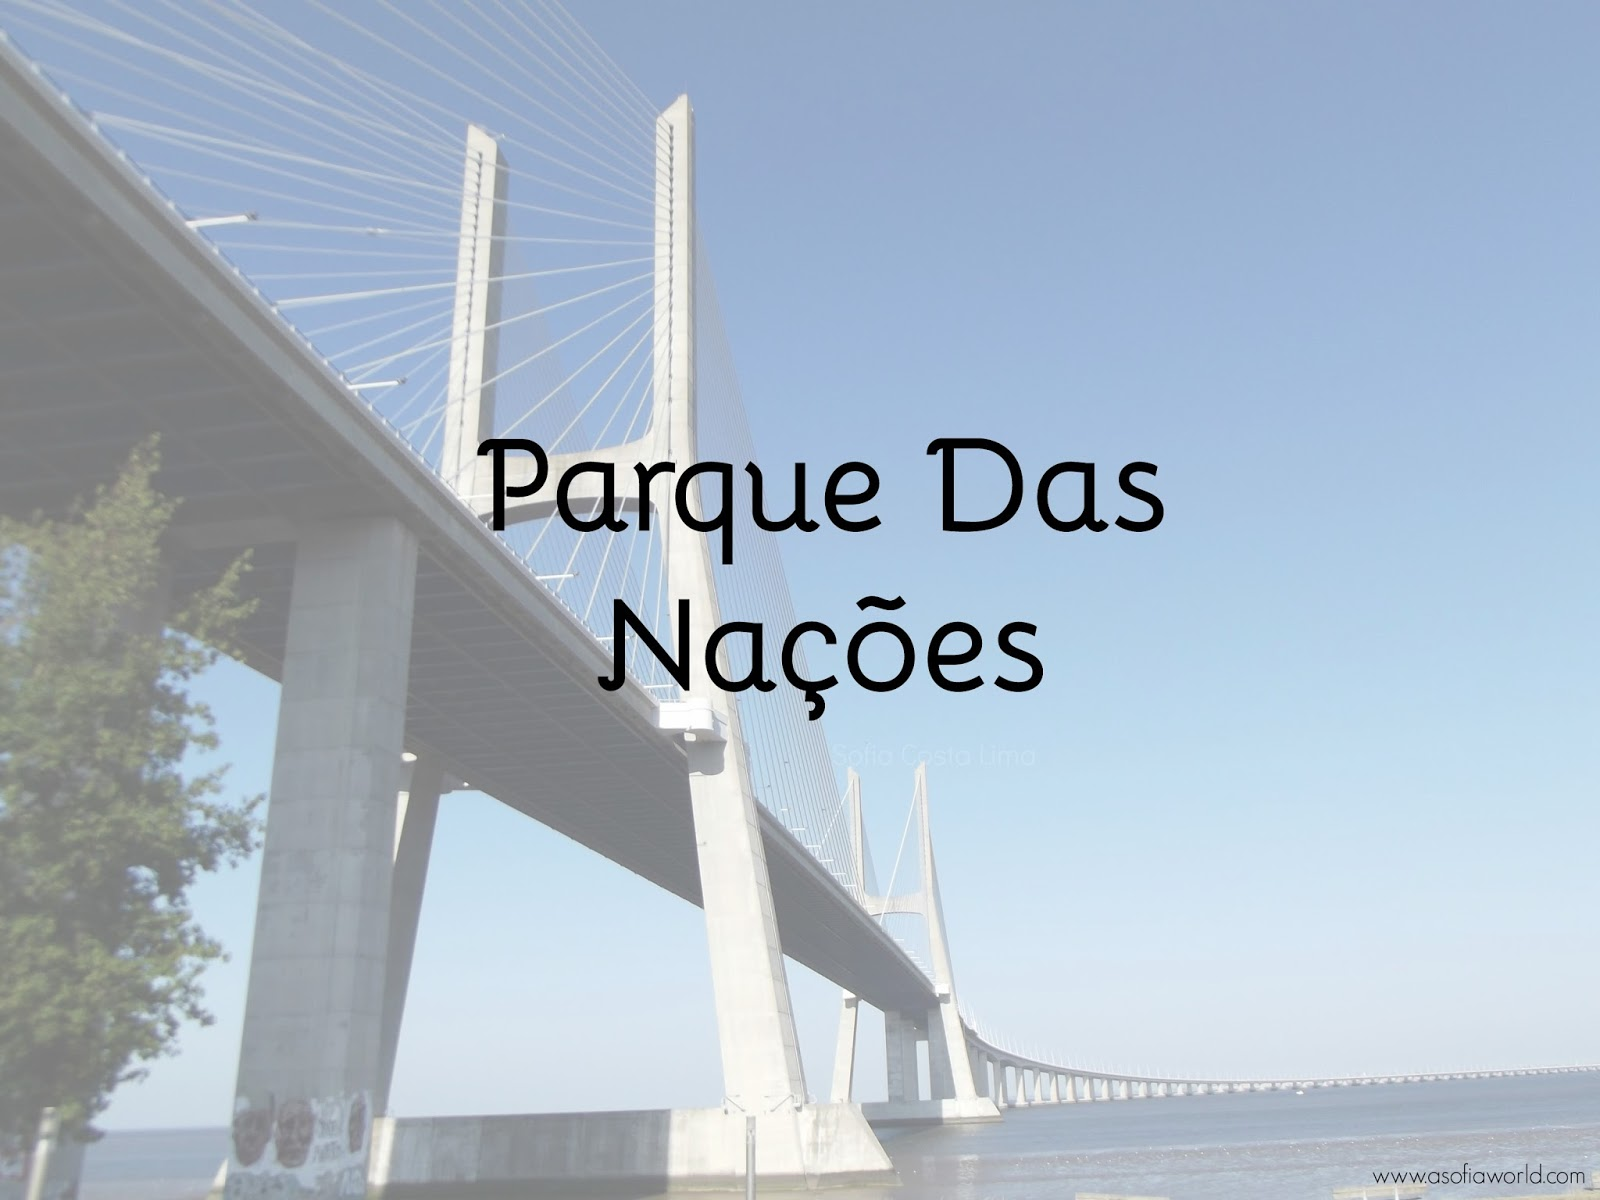 Lisboa: Parque das Nações